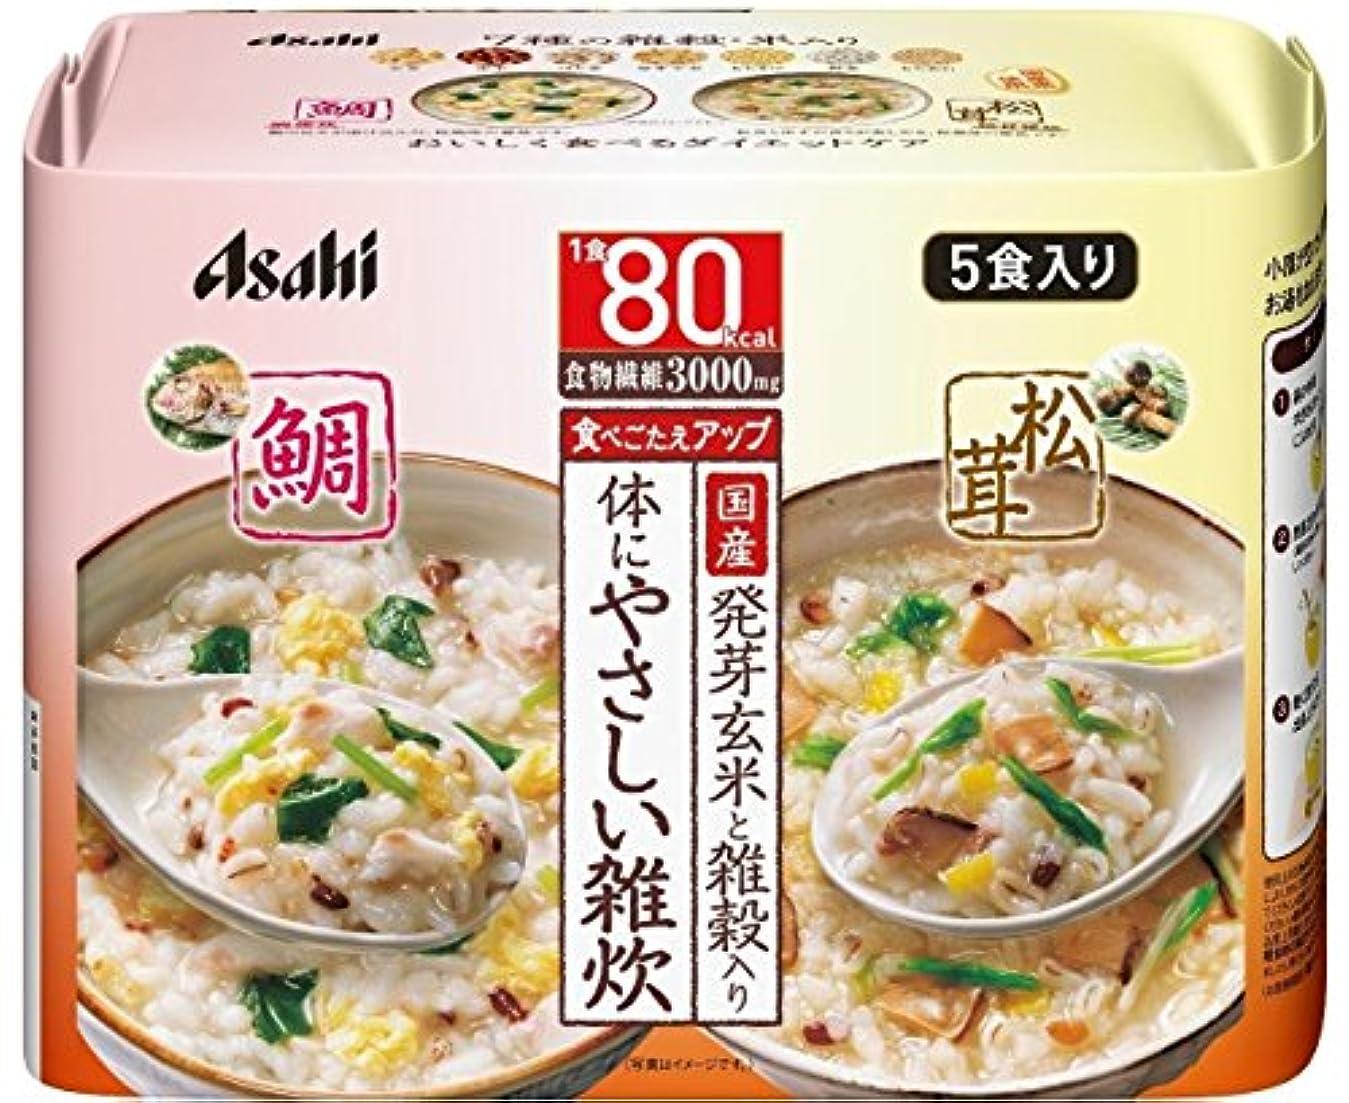 監査店員太鼓腹アサヒグループ食品 リセットボディ 体にやさしい鯛&松茸雑炊 5食